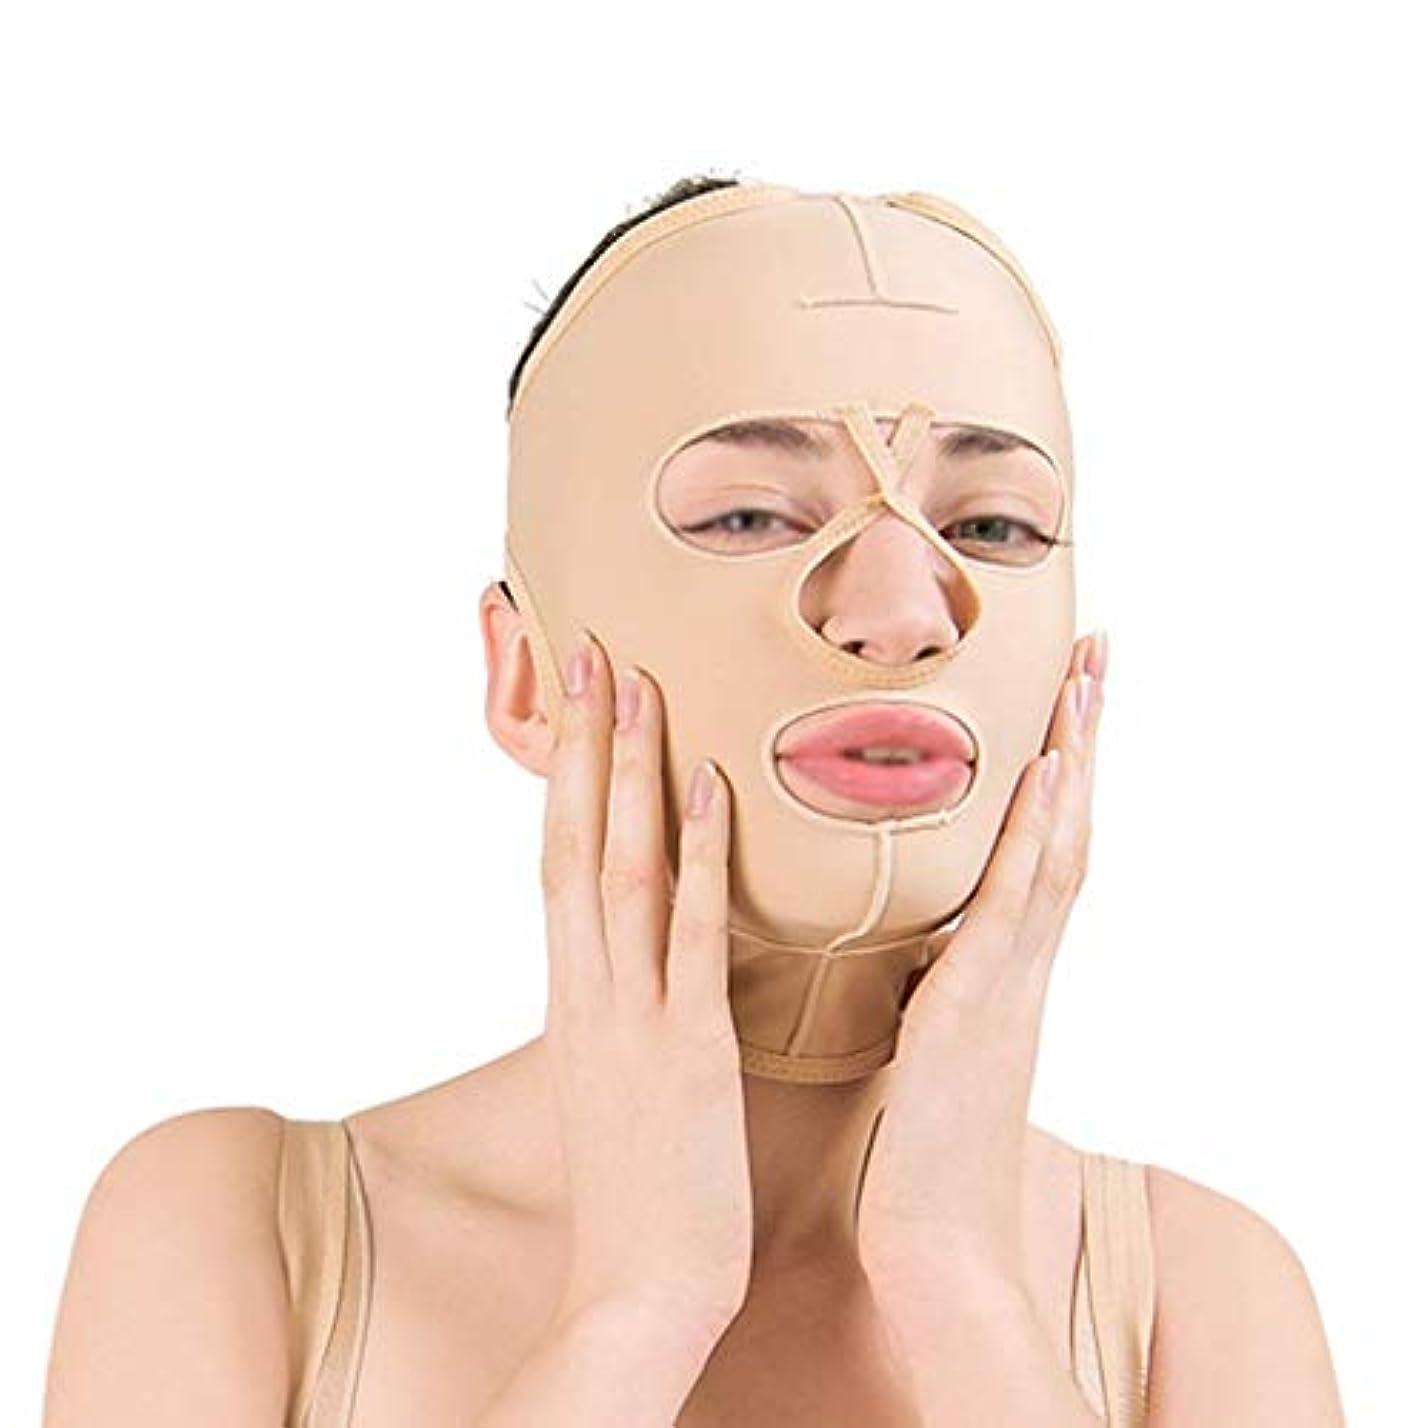 火薬ハイジャック流行フェイススリミングマスク、フェイスバンデージ付きフェイシャル減量マスク、通気性フェイスリフト、引き締め、フェイスリフティング(サイズ:L),M